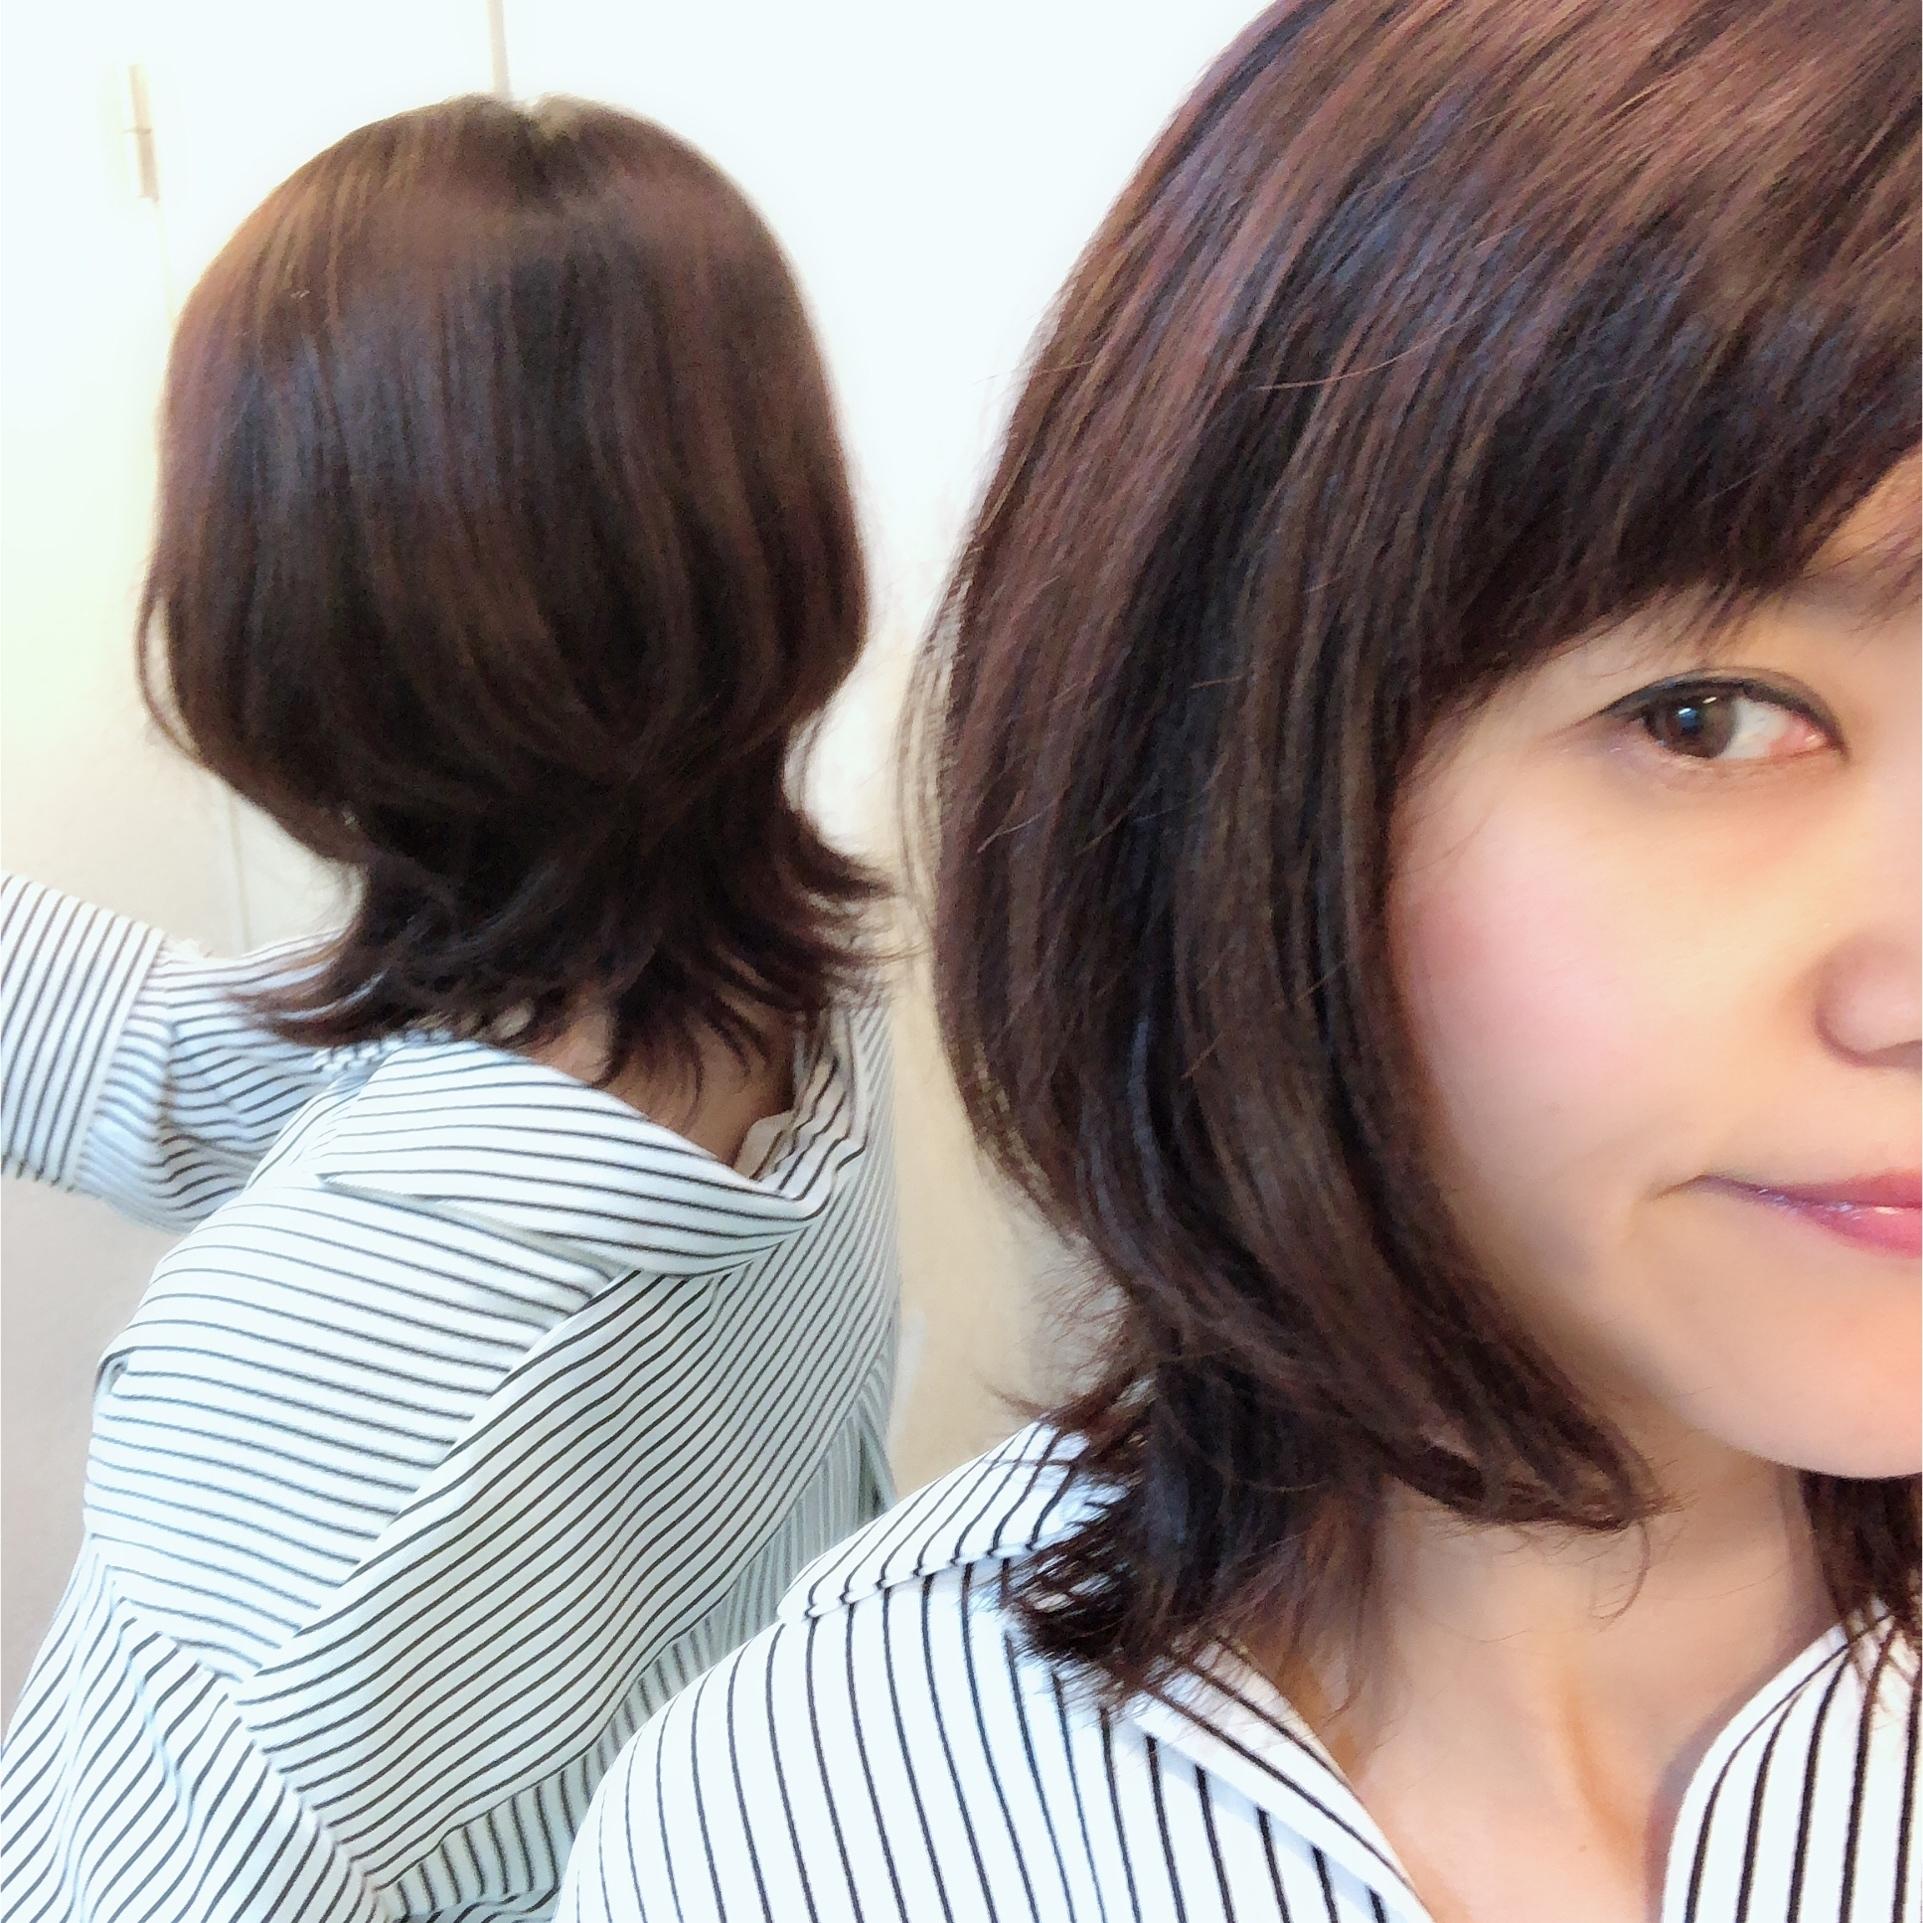 髪を切って女っぷり上々!美女組さんのヘアチェンジ【マリソル美女組ブログPICK UP】_1_1-1